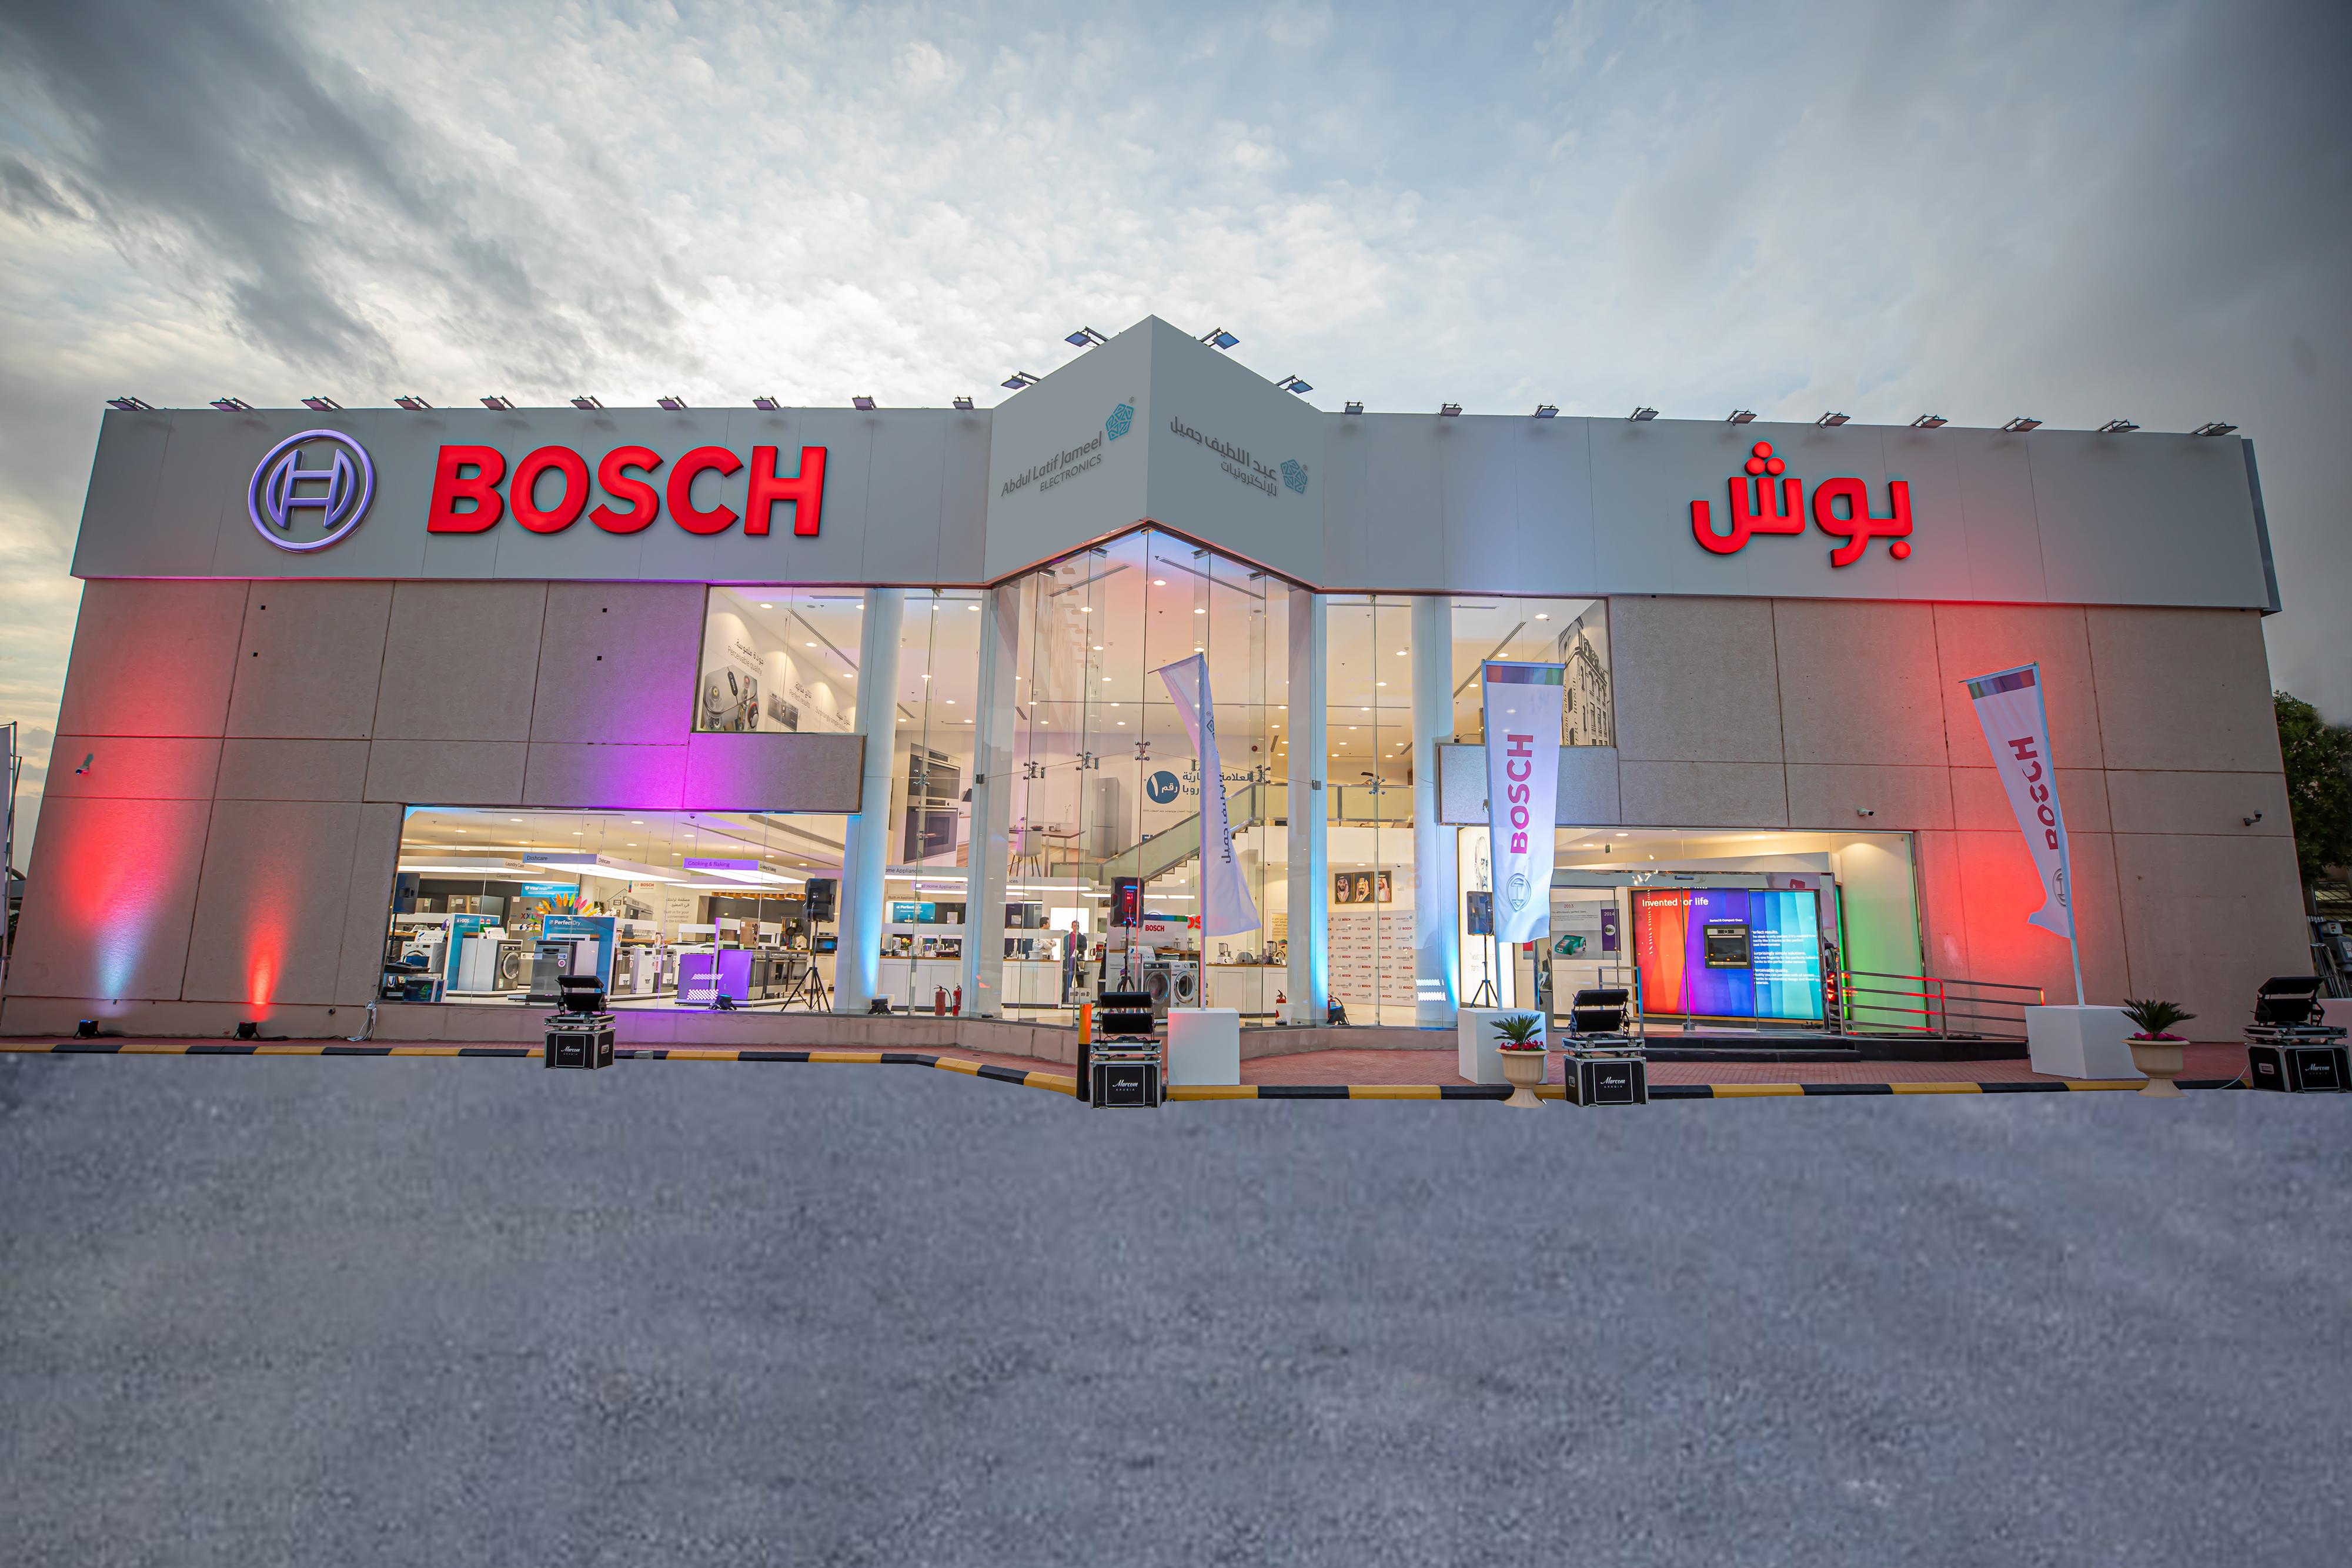 عبد اللطيف جميل للإلكترونيات تحتفل بافتتاح أكبر متجر لبوش في الشرق الأوسط